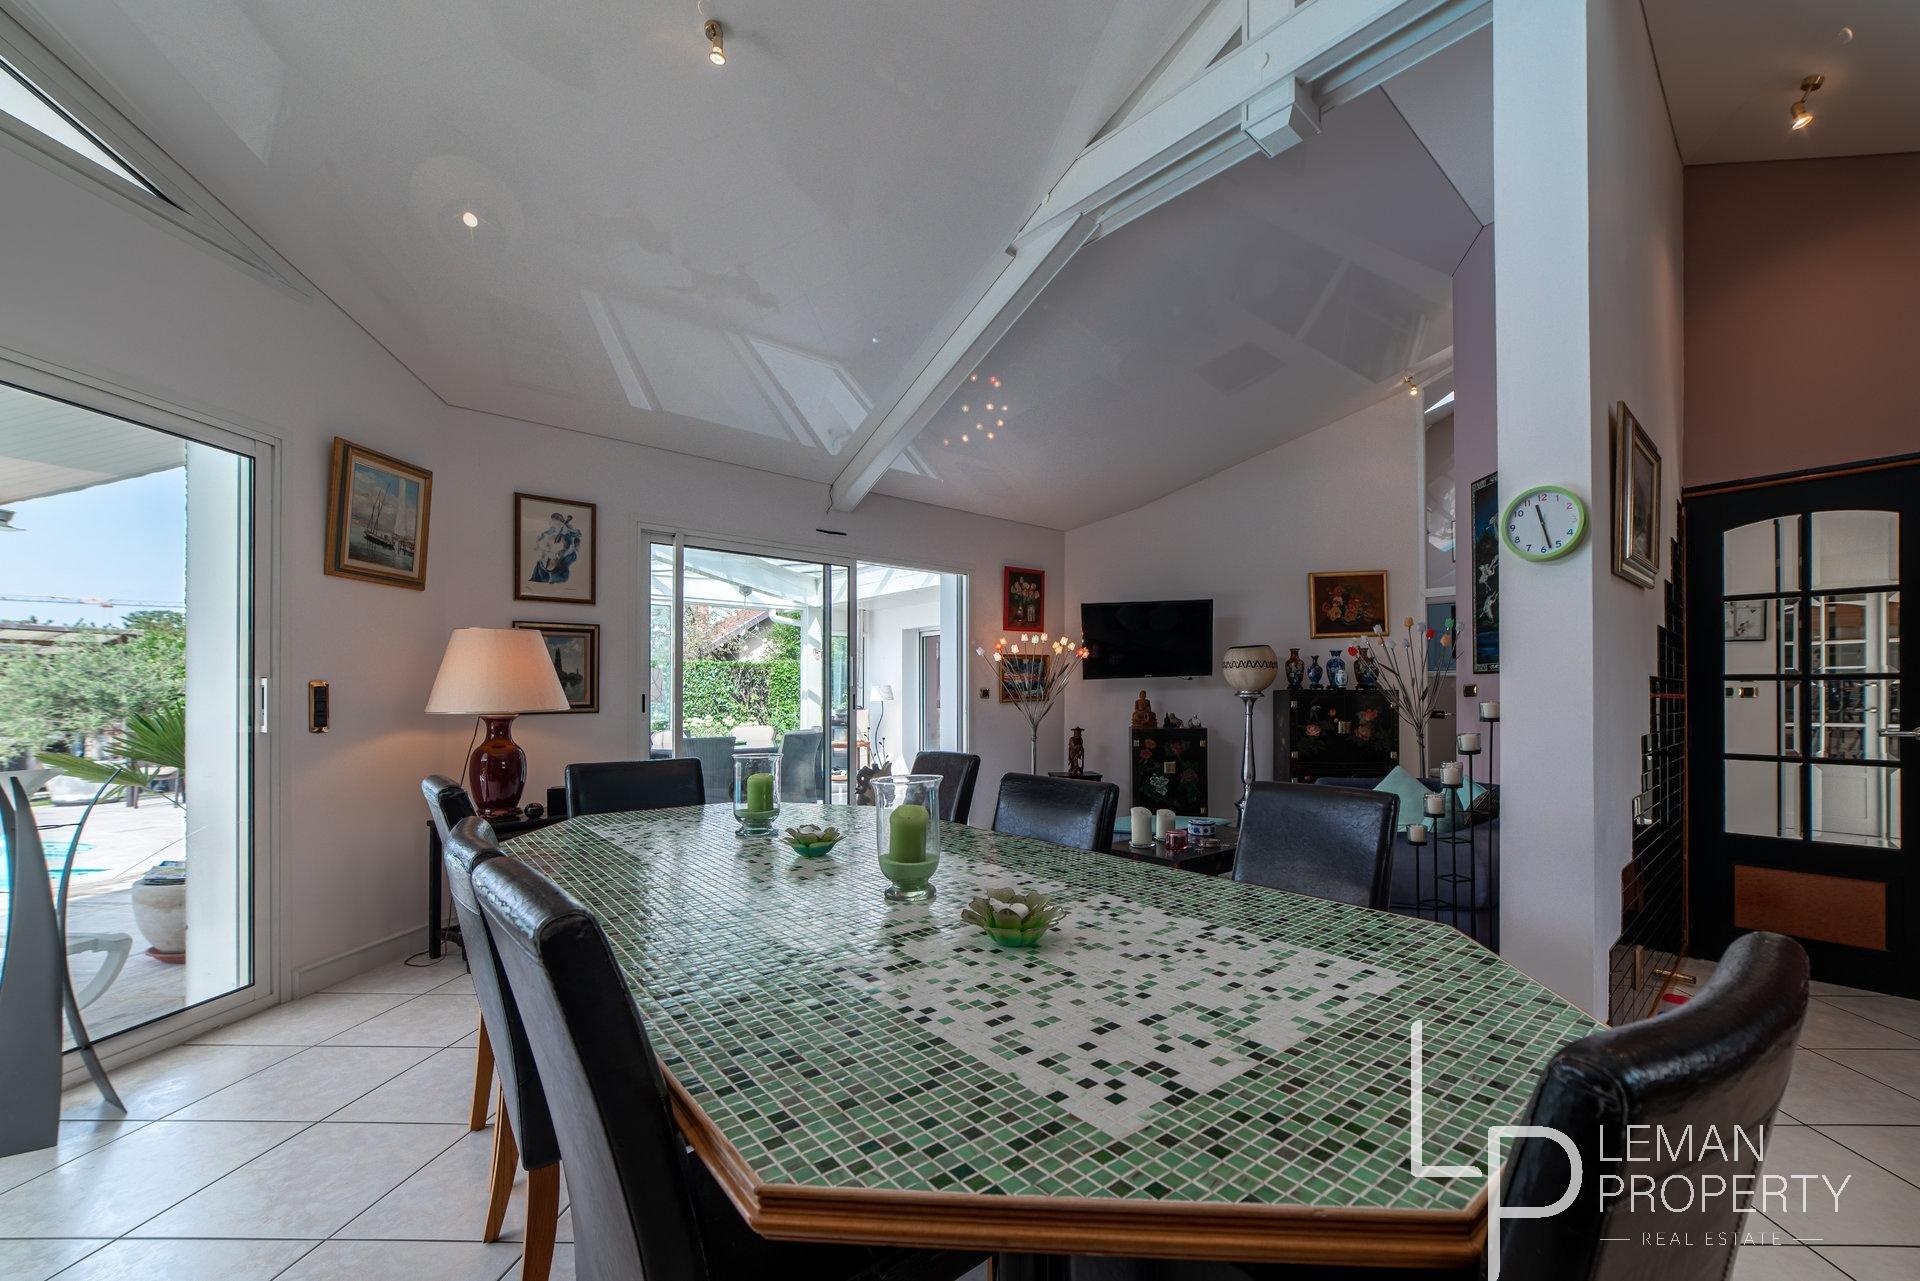 Achetez votre maison dans la ville de Ballaison